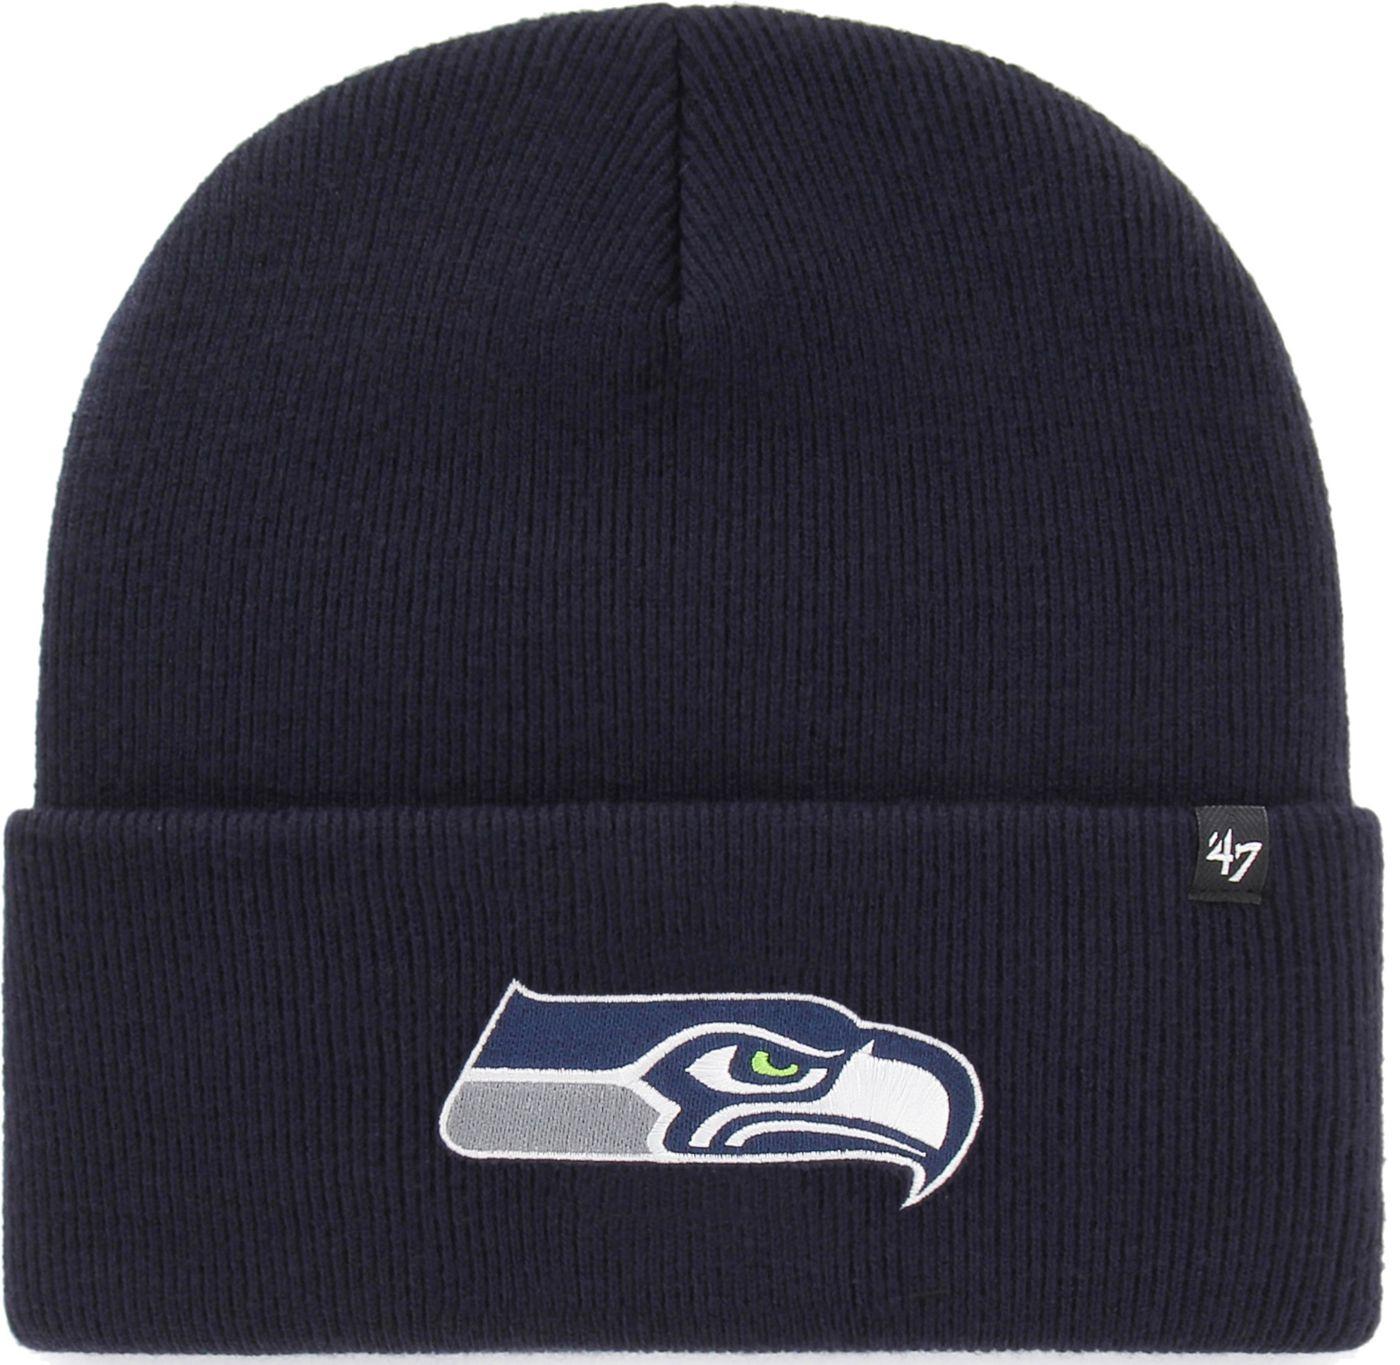 '47 Men's Seattle Seahawks Carhartt Navy Knit Hat